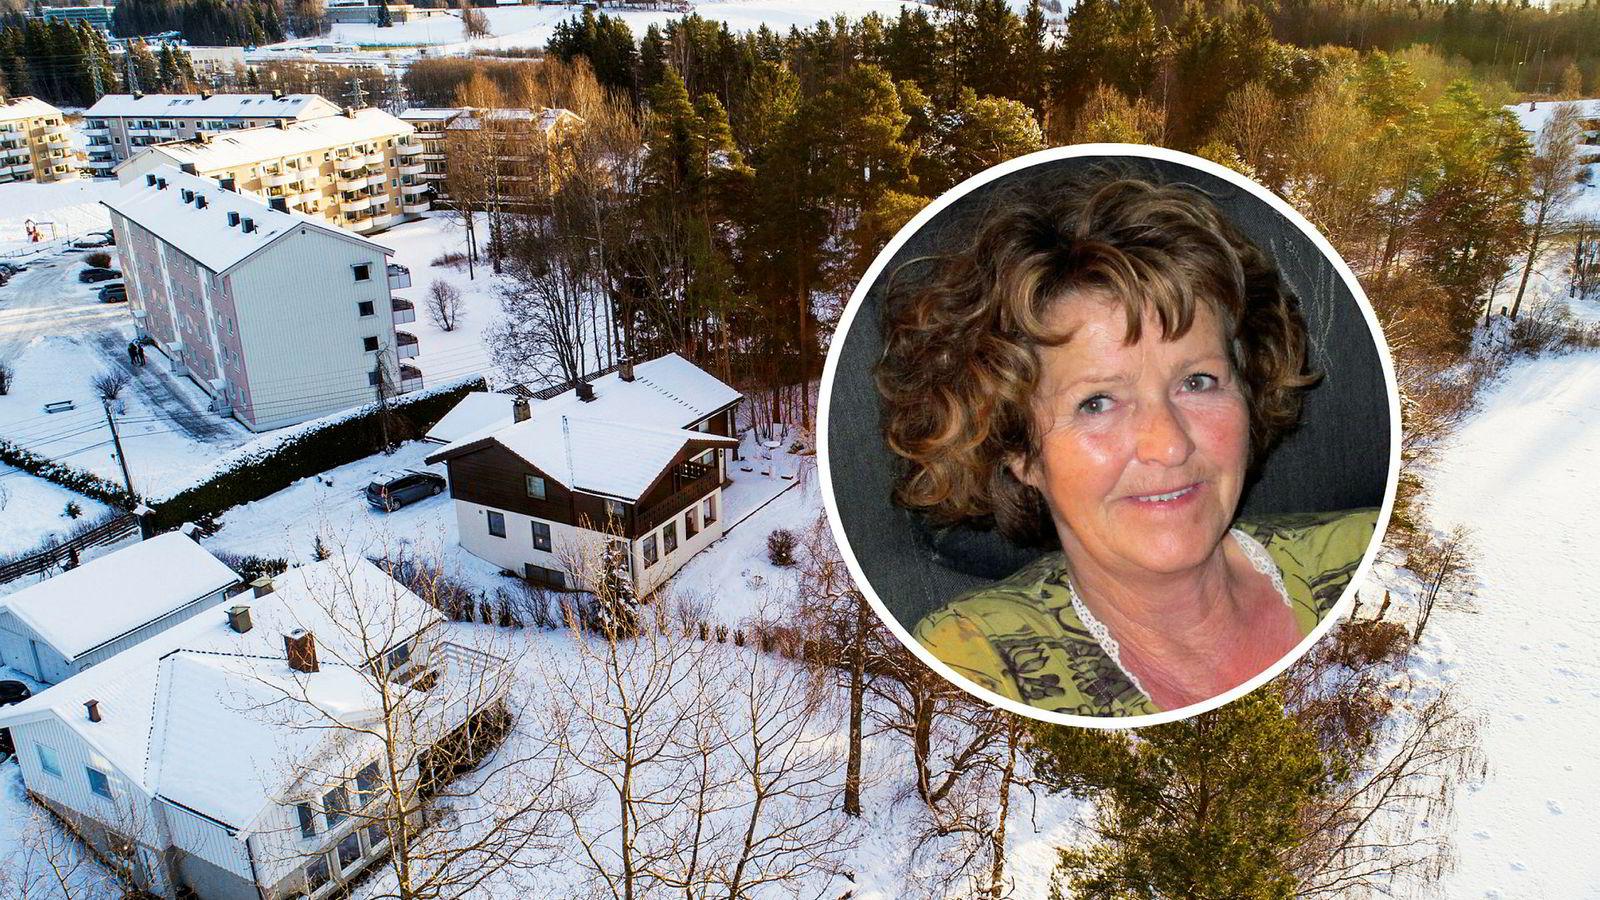 Anne-Elisabeth Falkevik Hagen har vært savnet fra sitt hjem på Fjellhamar i Lørenskog siden 31. oktober i fjor. Nå ber politiet folk benytte tjeneste i Google Maps for å friske opp hukommelsen.